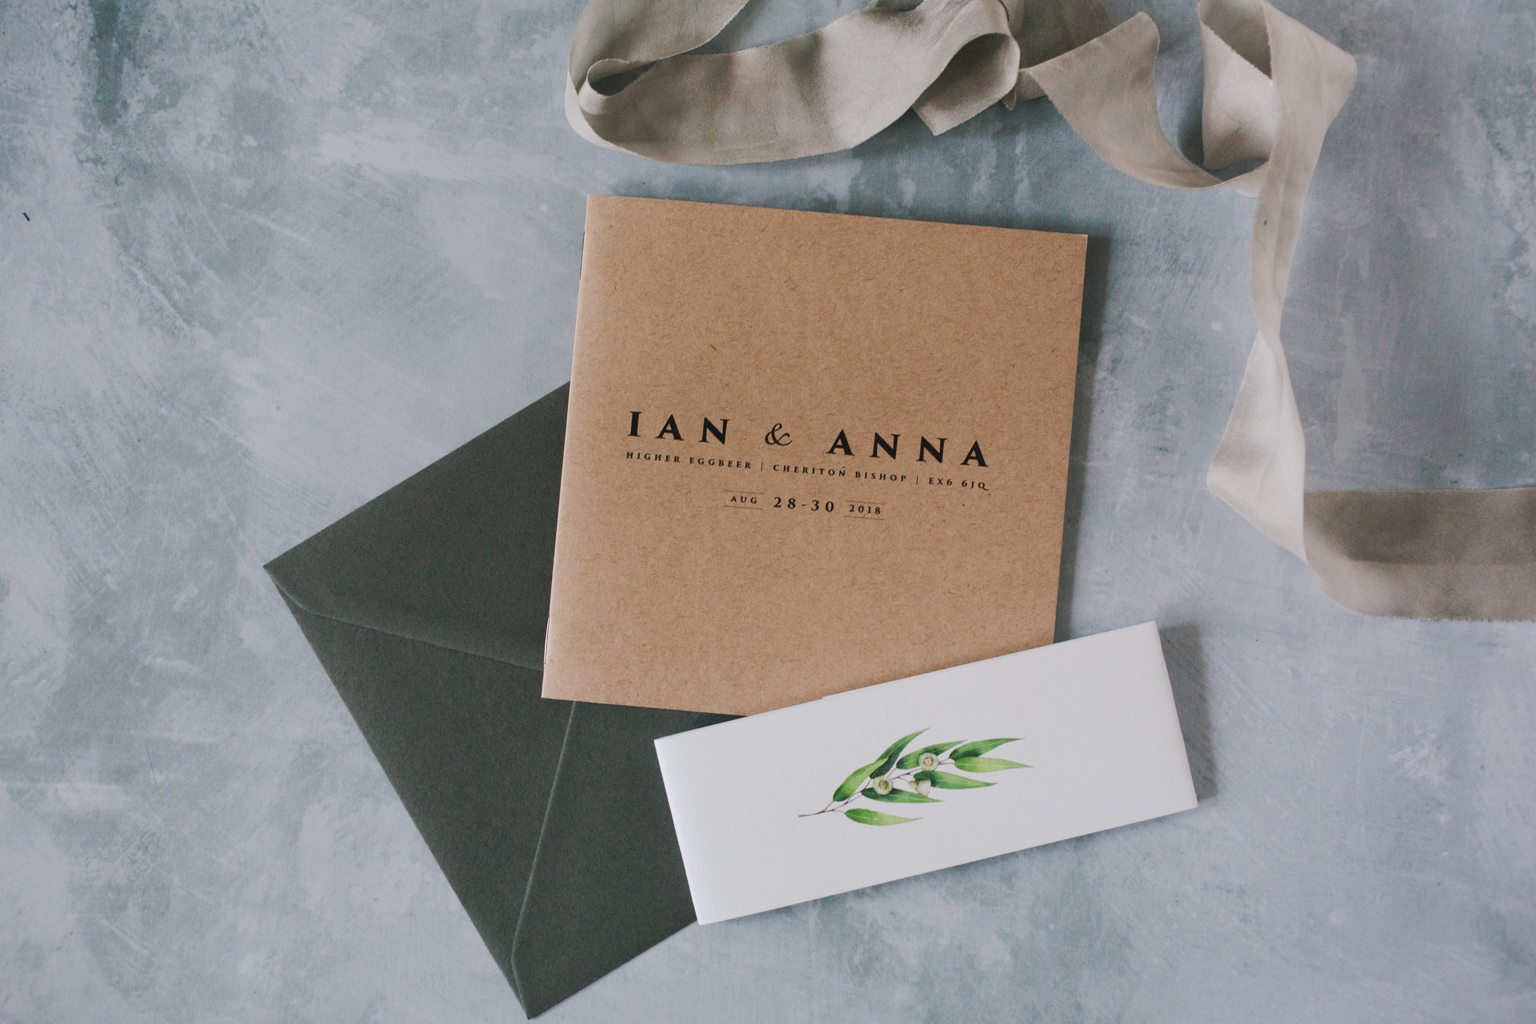 Ian-Anna-Bespoke-Invitations